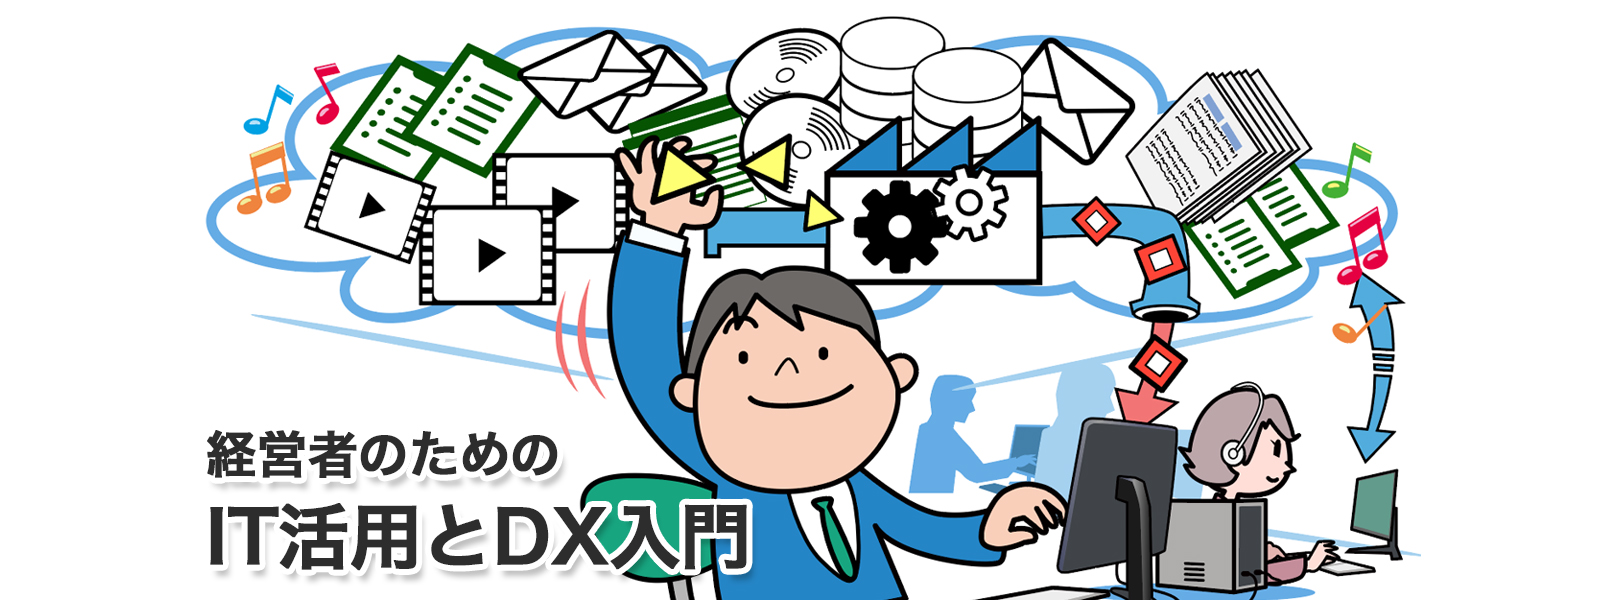 経営者のためのIT活用とDX入門